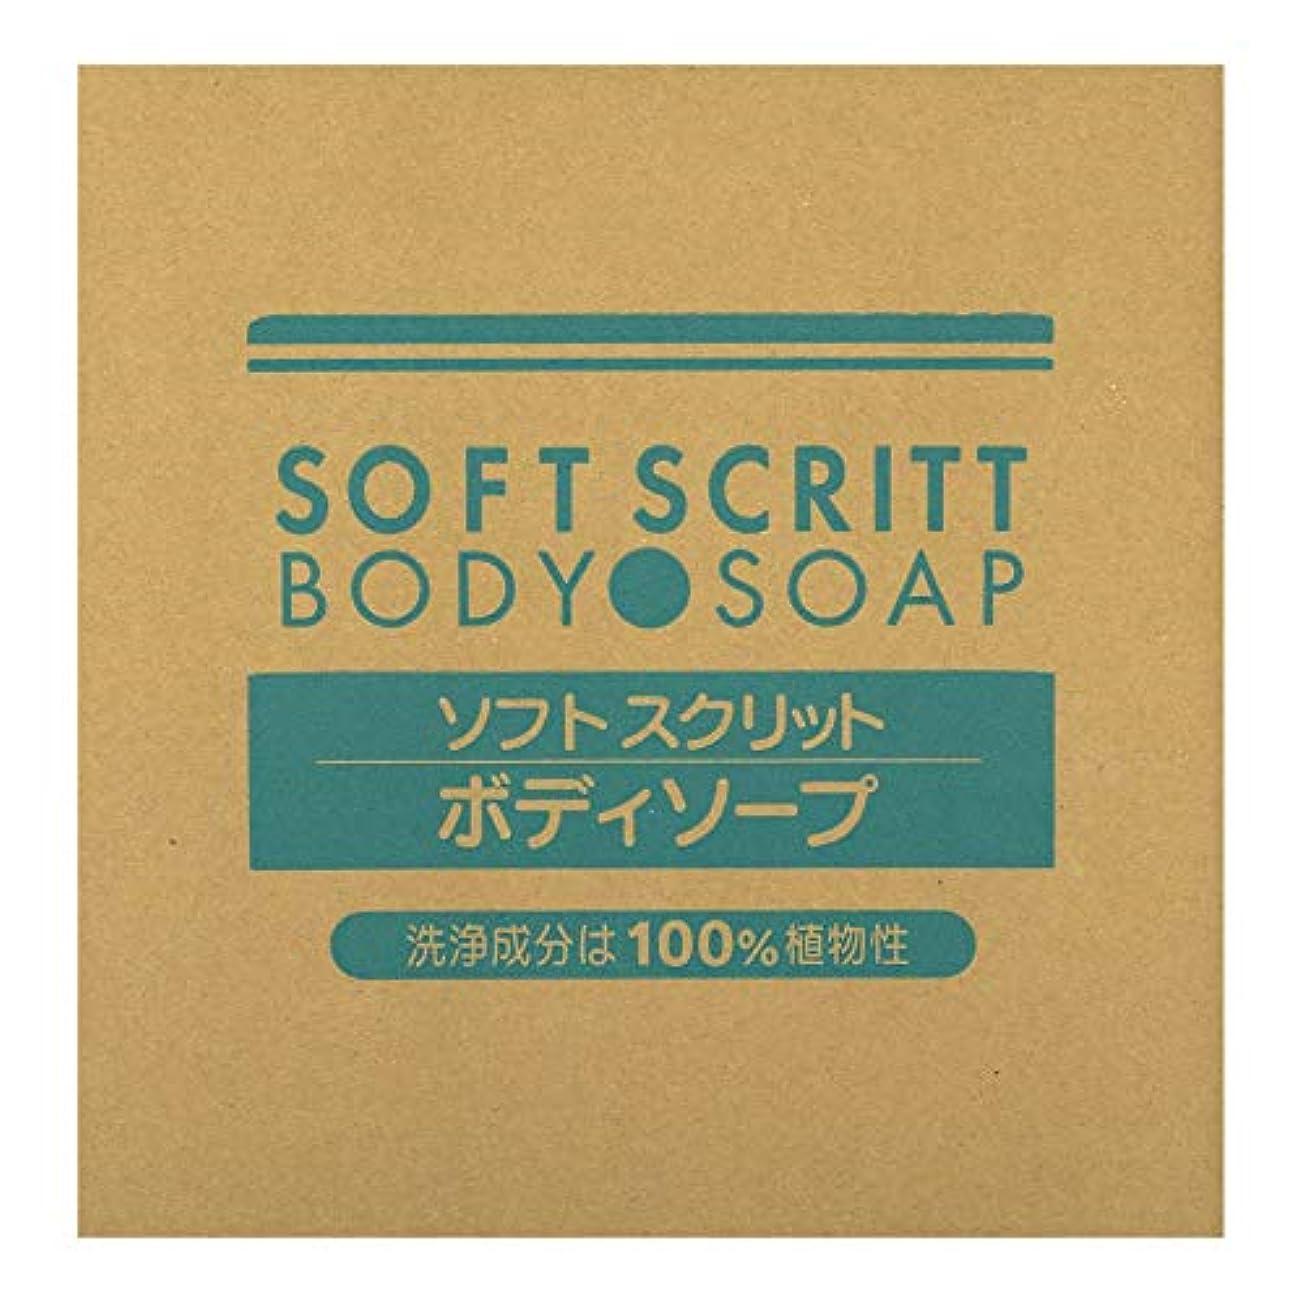 なす評価憲法熊野油脂 業務用 SOFT SCRITT(ソフト スクリット) ボディソープ 18L